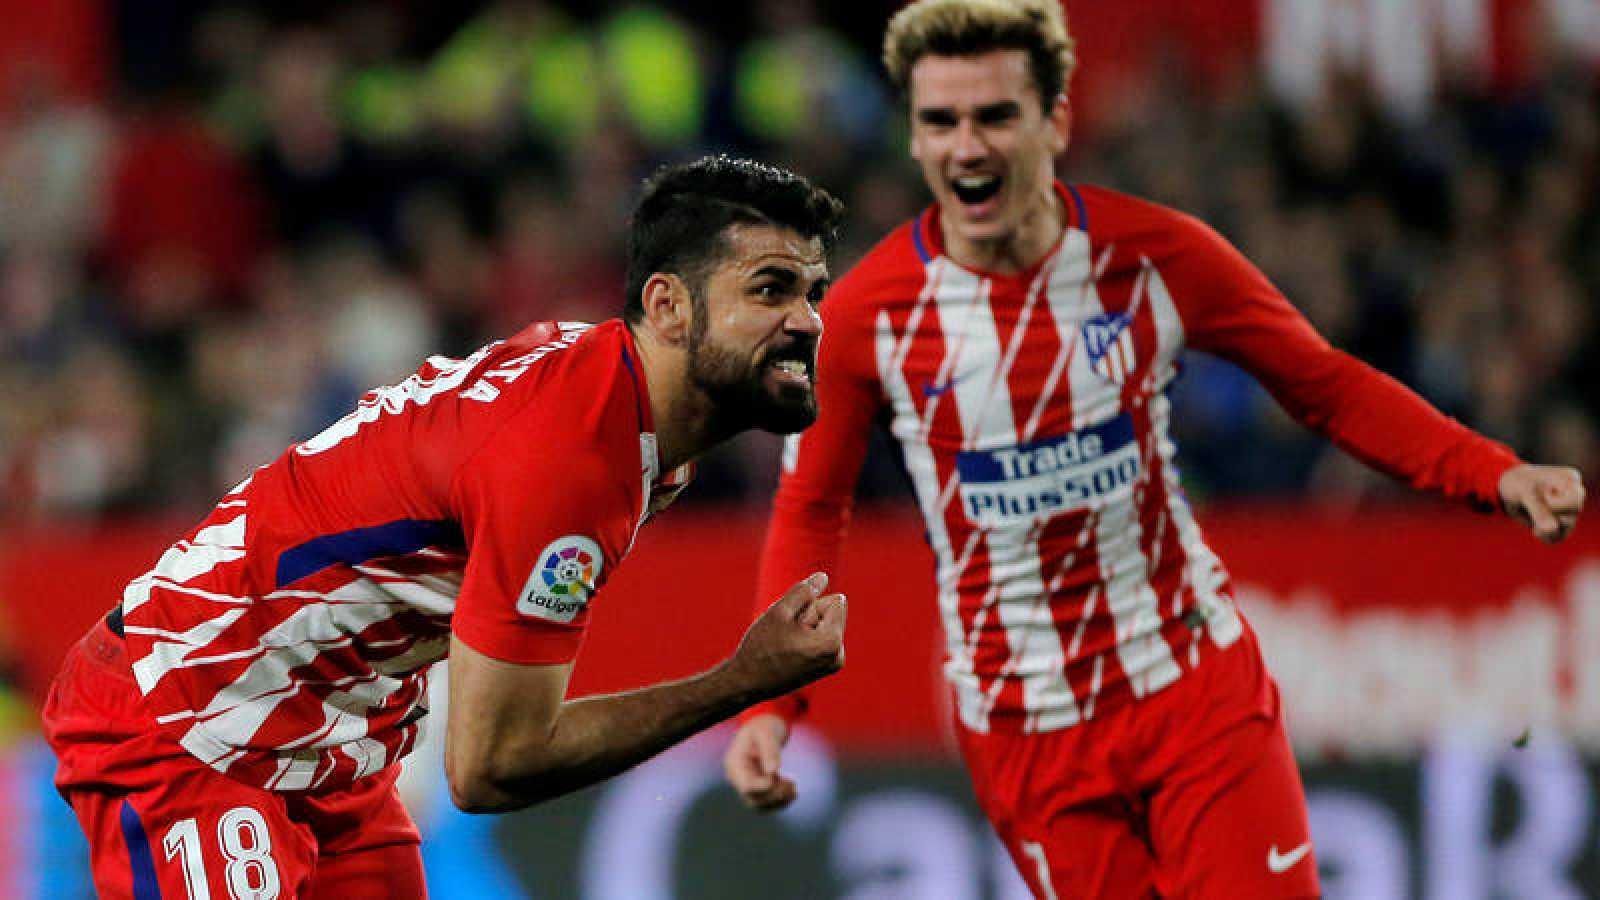 Barcelona y Atlético continuan con su pulso a una semana de verse en el Nou Camp.